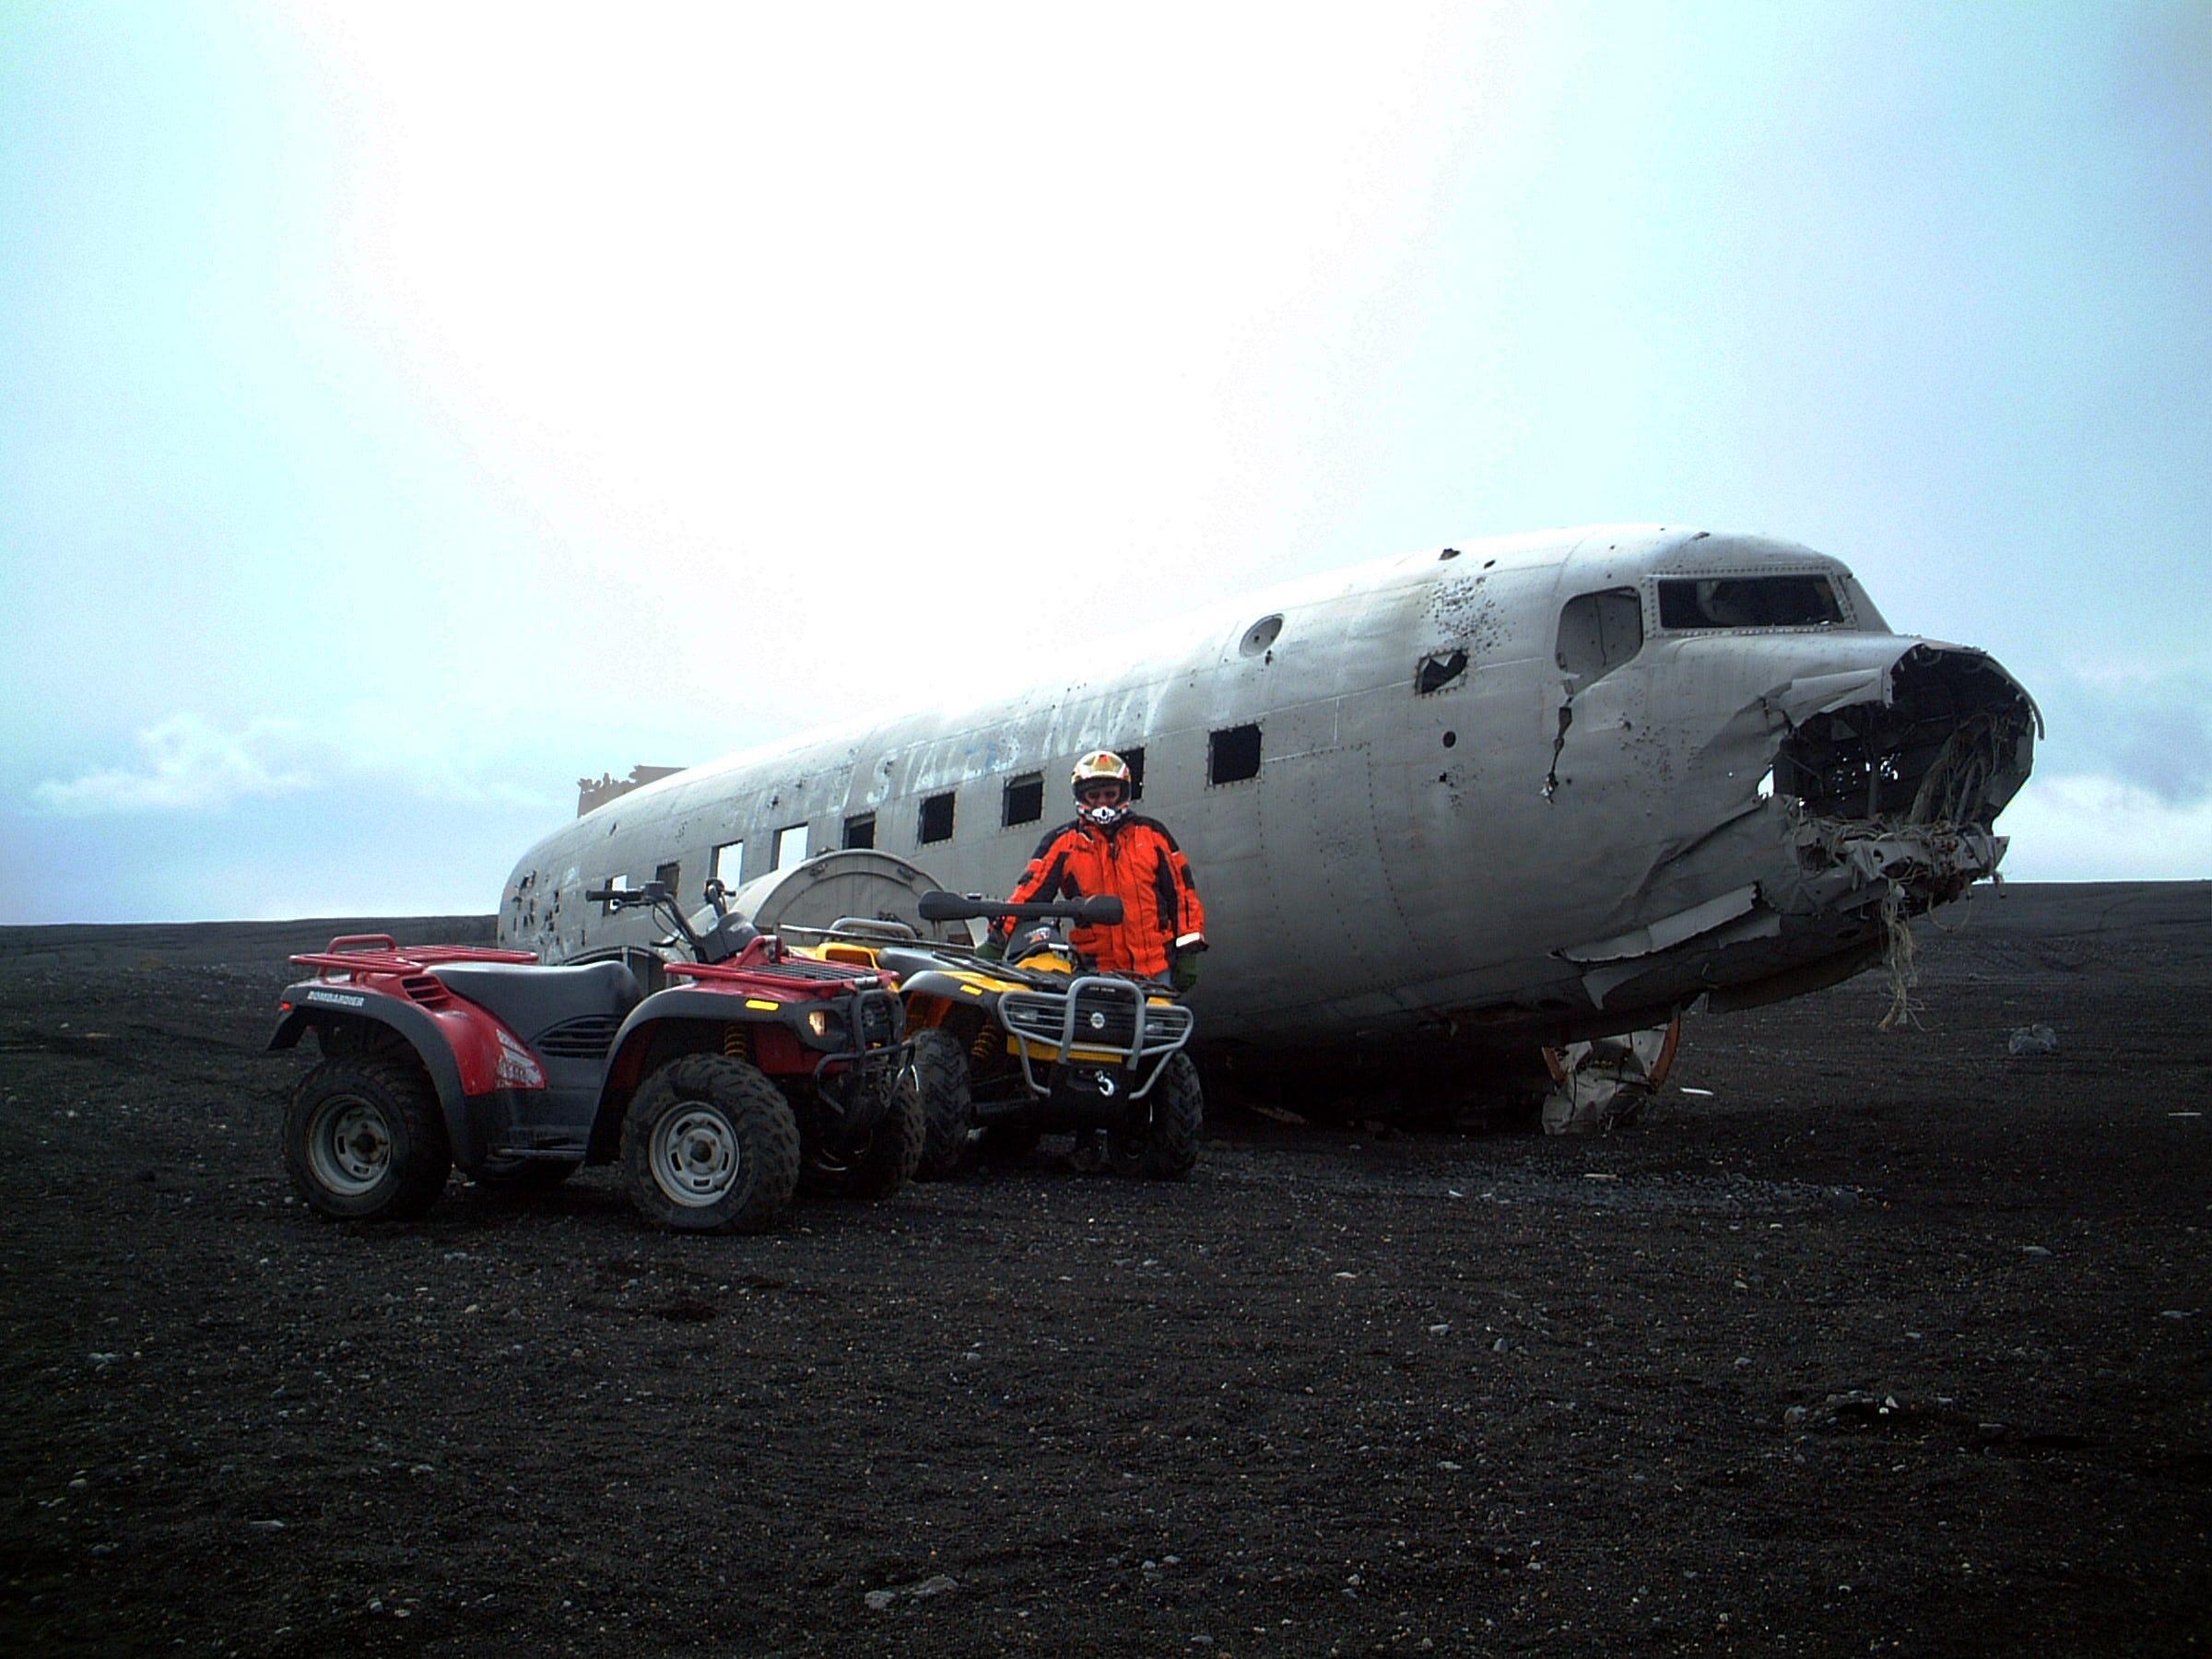 ขี่ ATV เครื่องแรงไปยังซากเครื่องบิน DC3